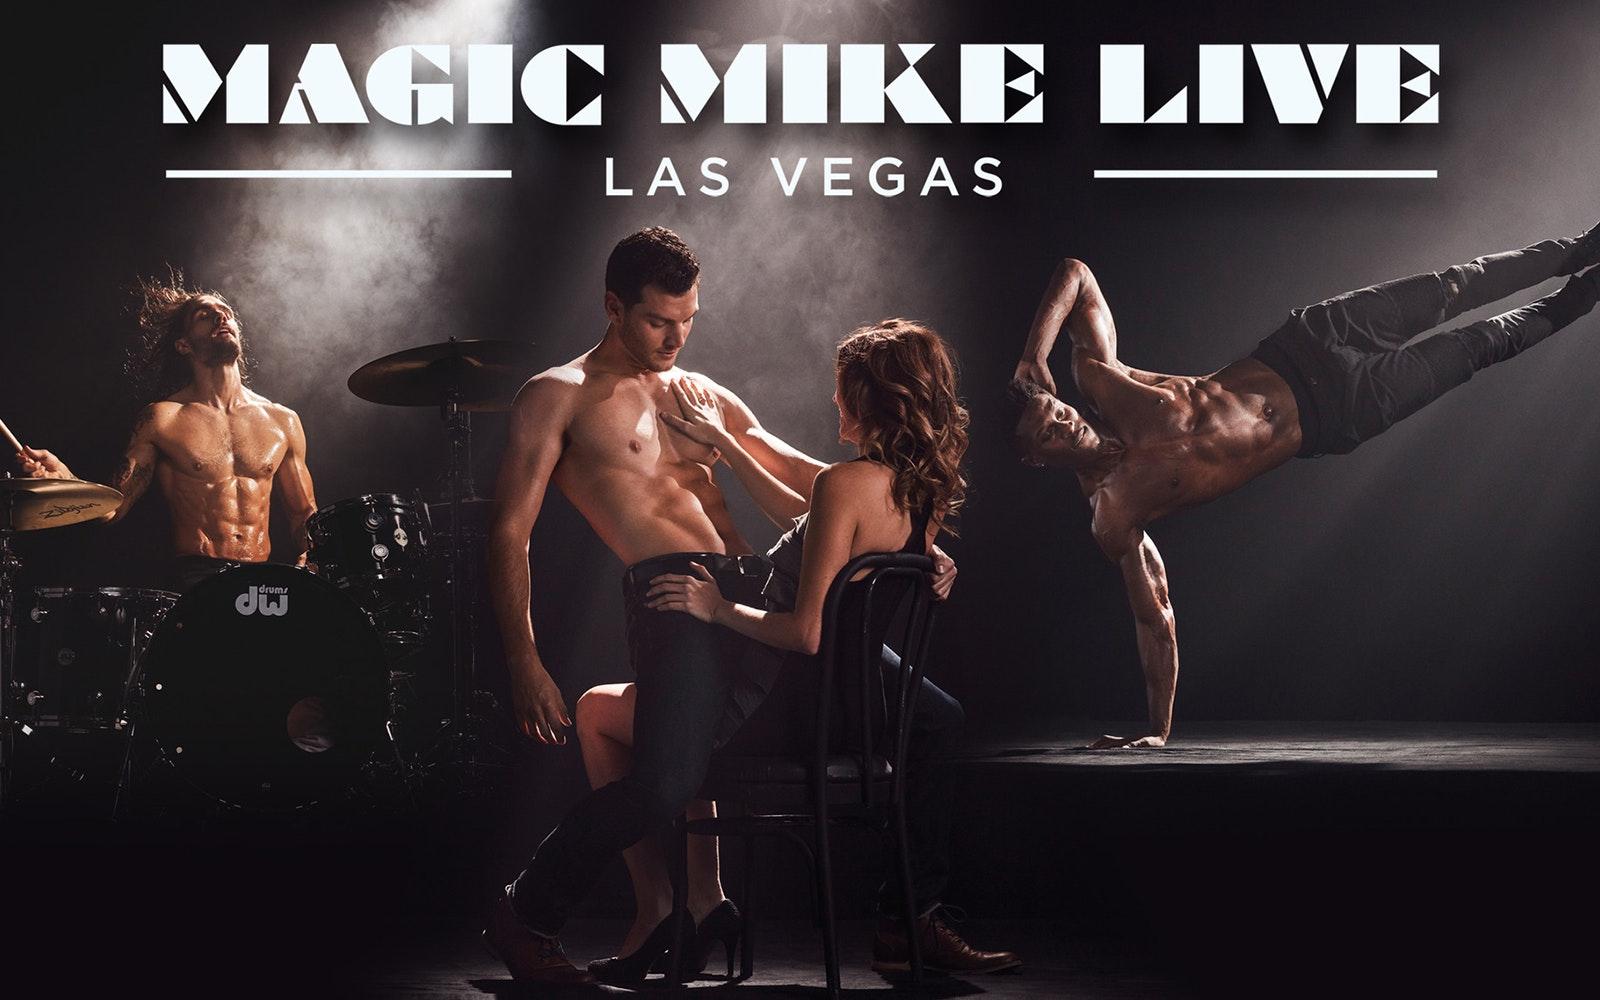 Cheap Las vegas show tickets- Magic Mike